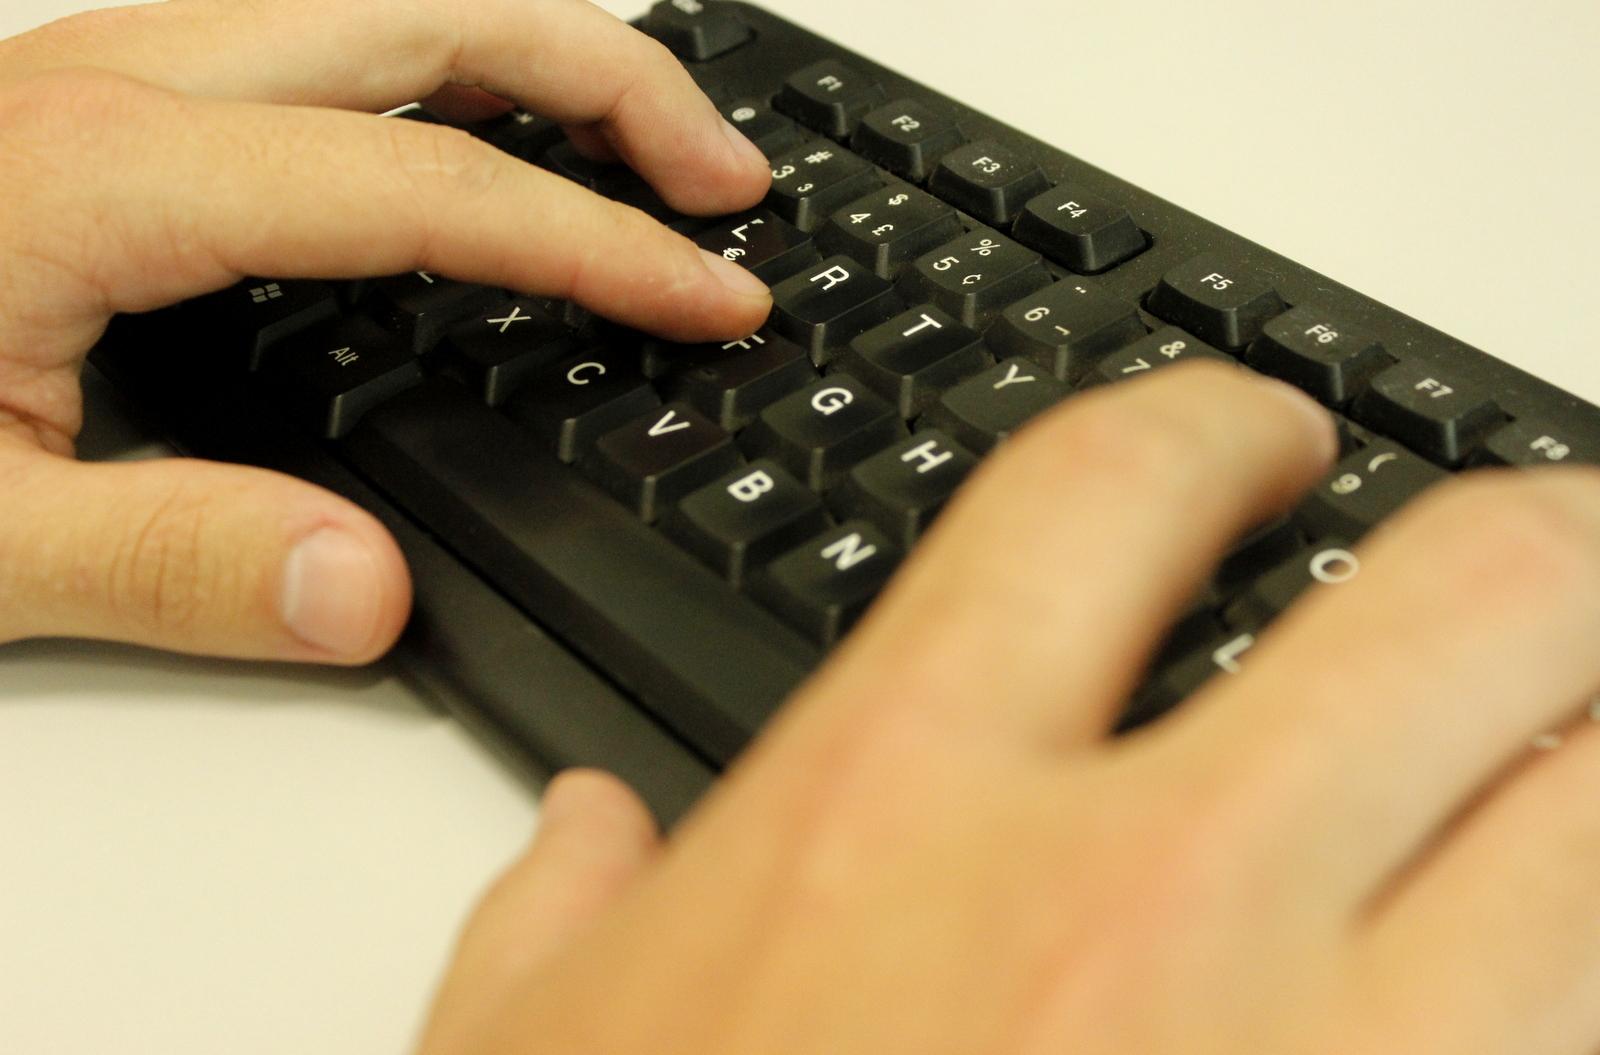 Prefeitura de Criciúma identifica mais de 4 mil tentativas de ataque à rede de computadores